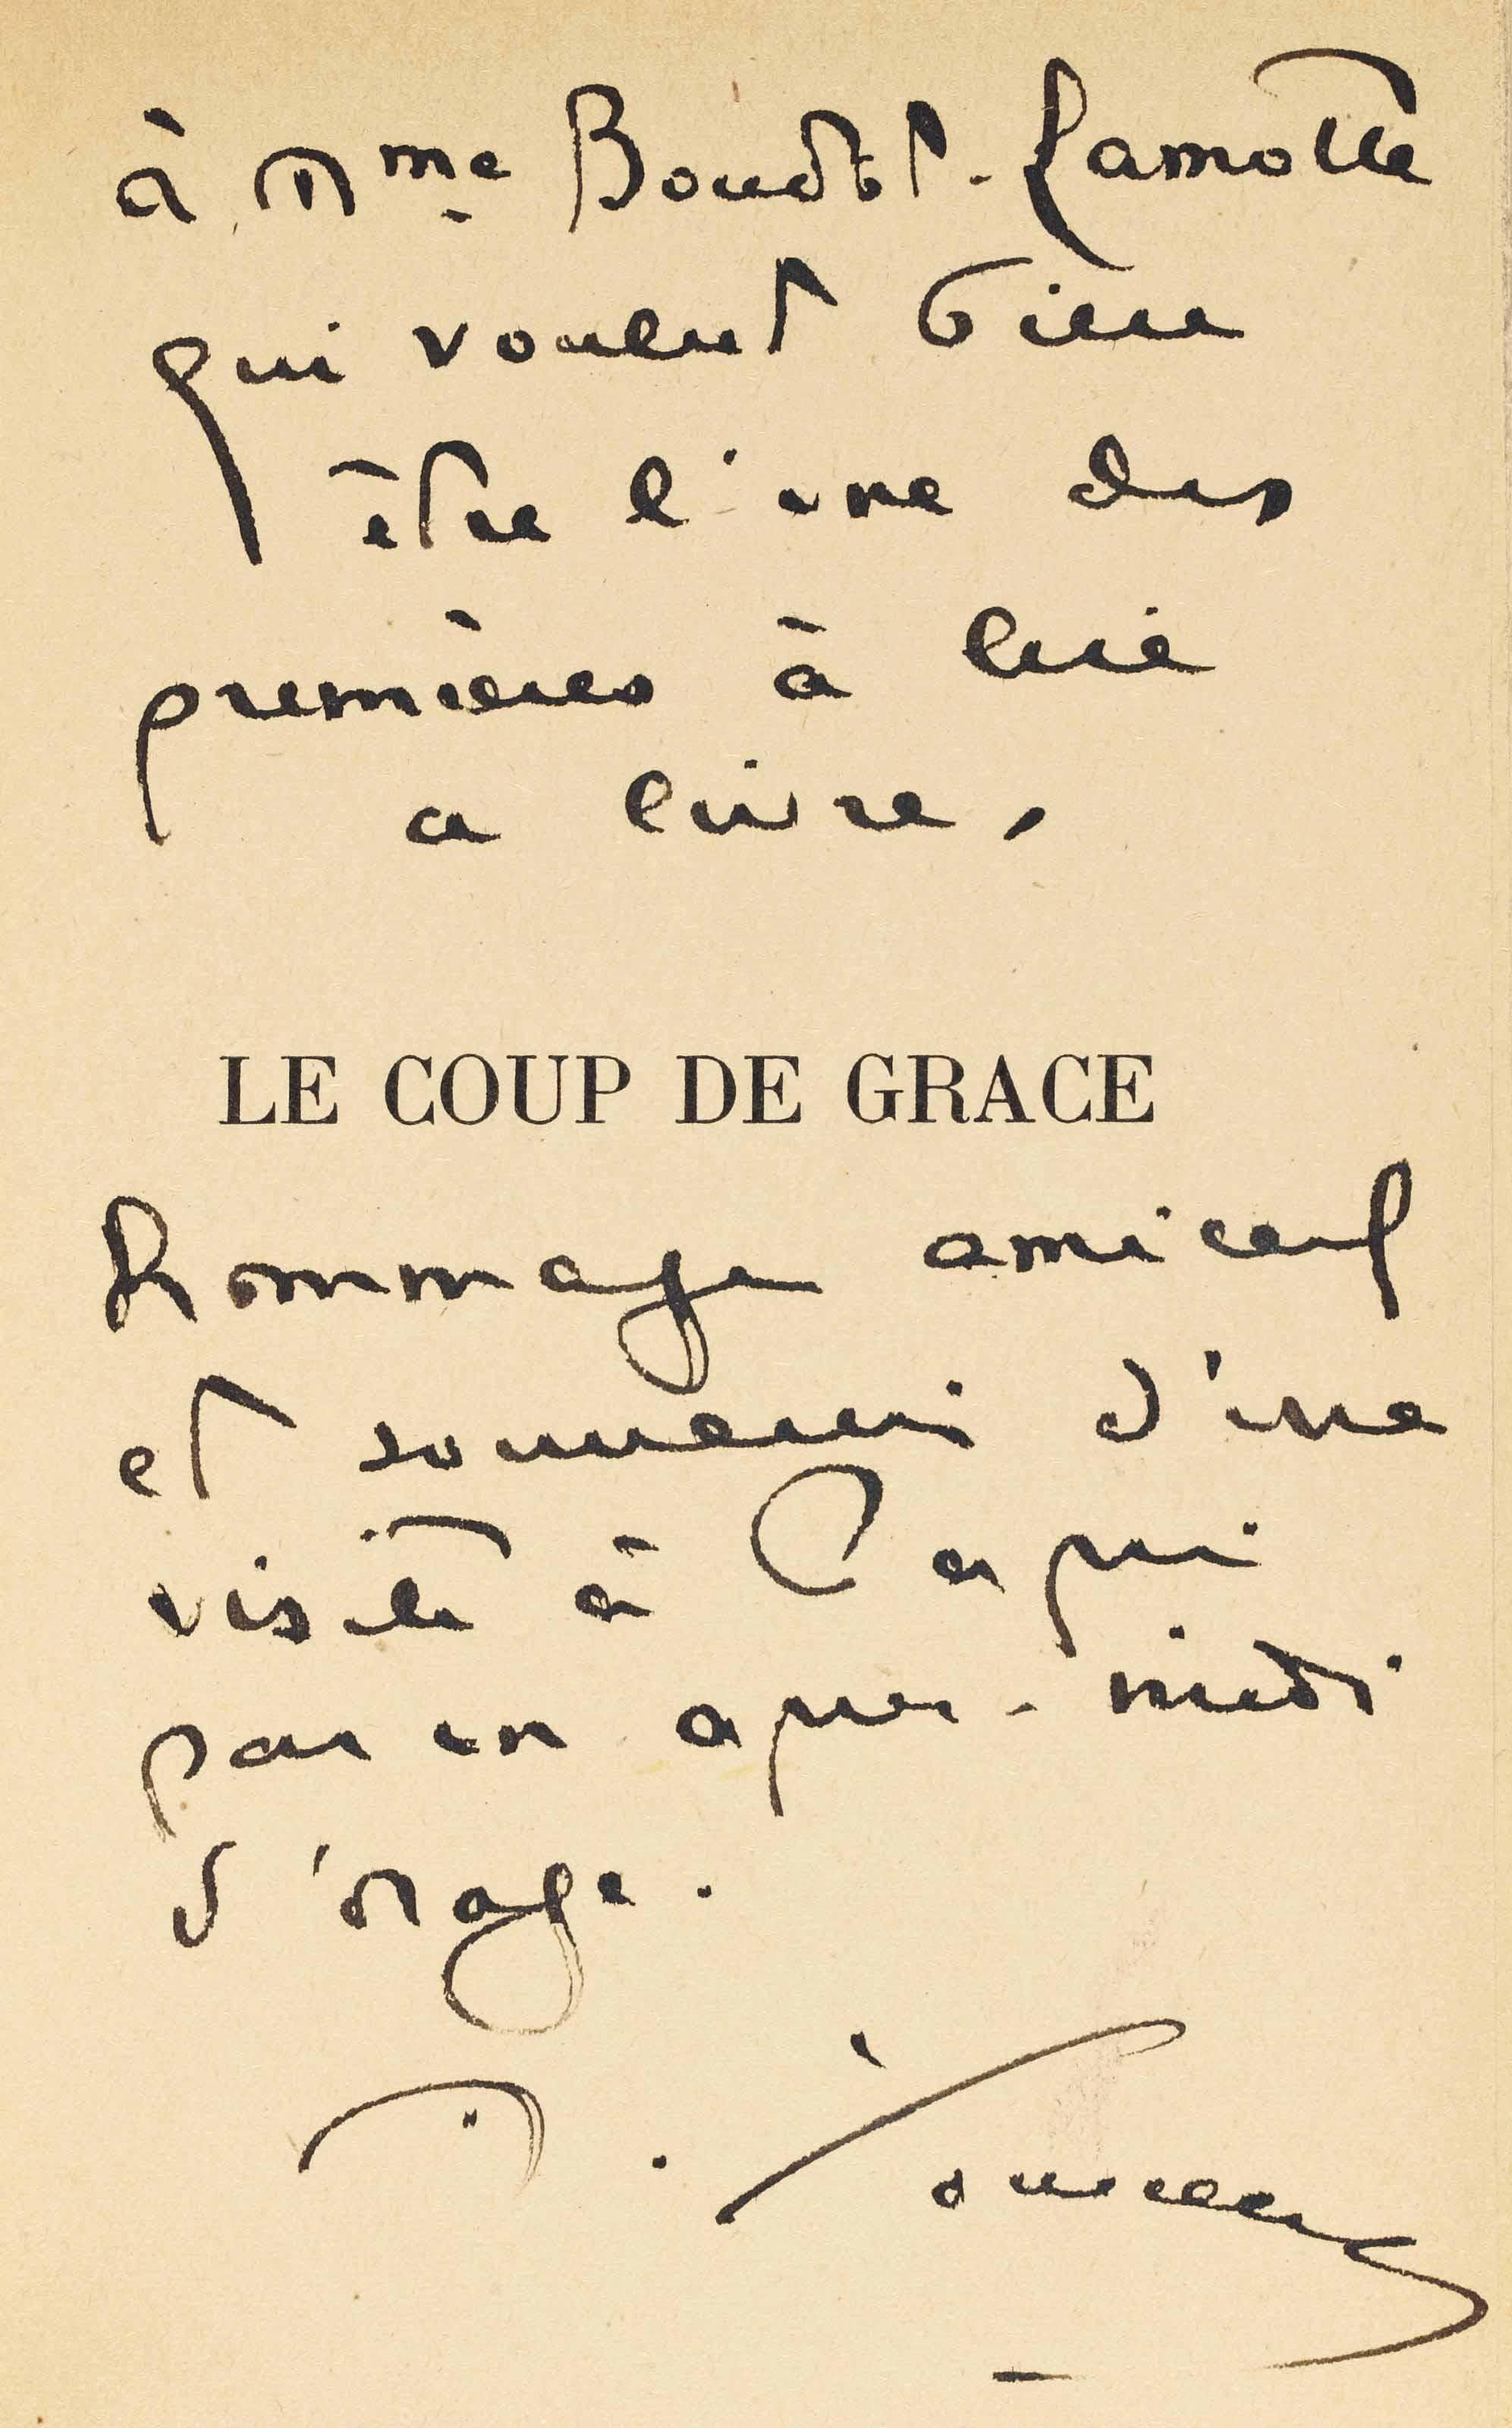 YOURCENAR, Marguerite (1903-1987). Le Coup de grâce. Paris: NRF, 1939. In-8 (190 x 122 mm). Broché.